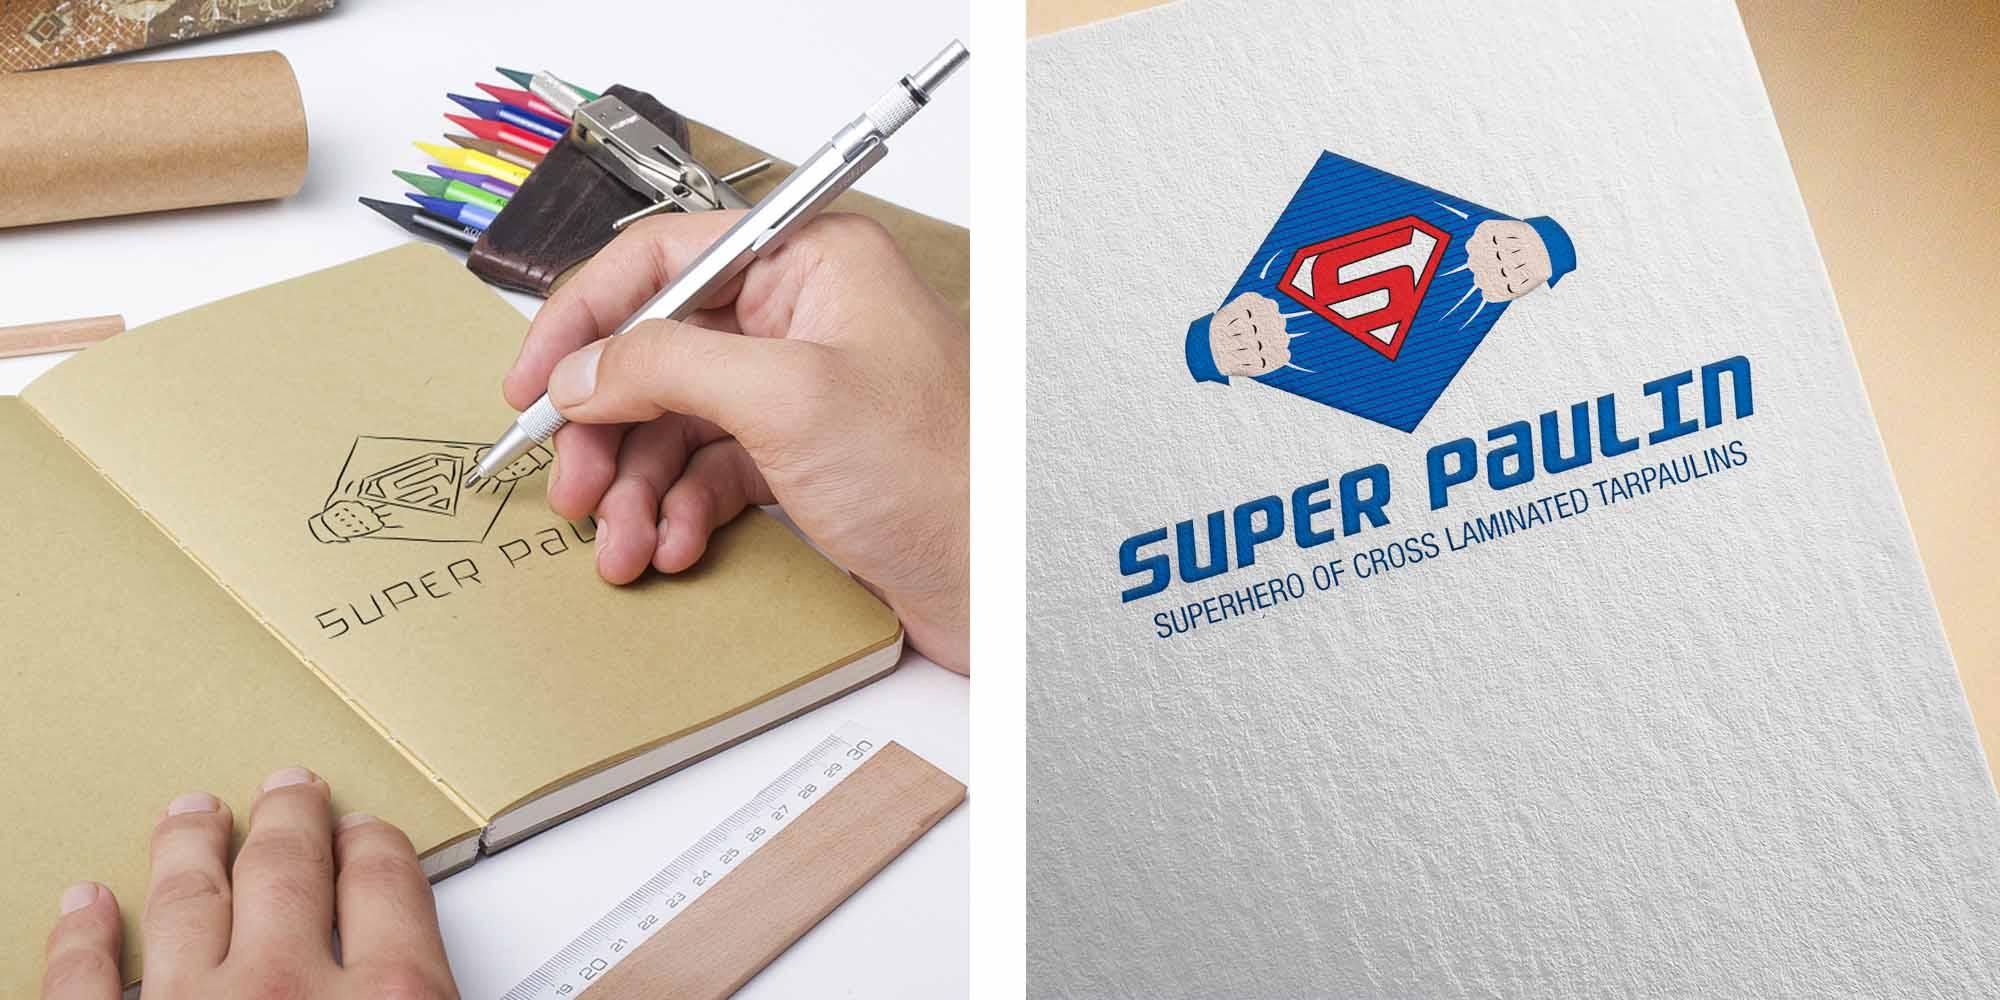 super-paulin-tarpaulin-logo-thought-process